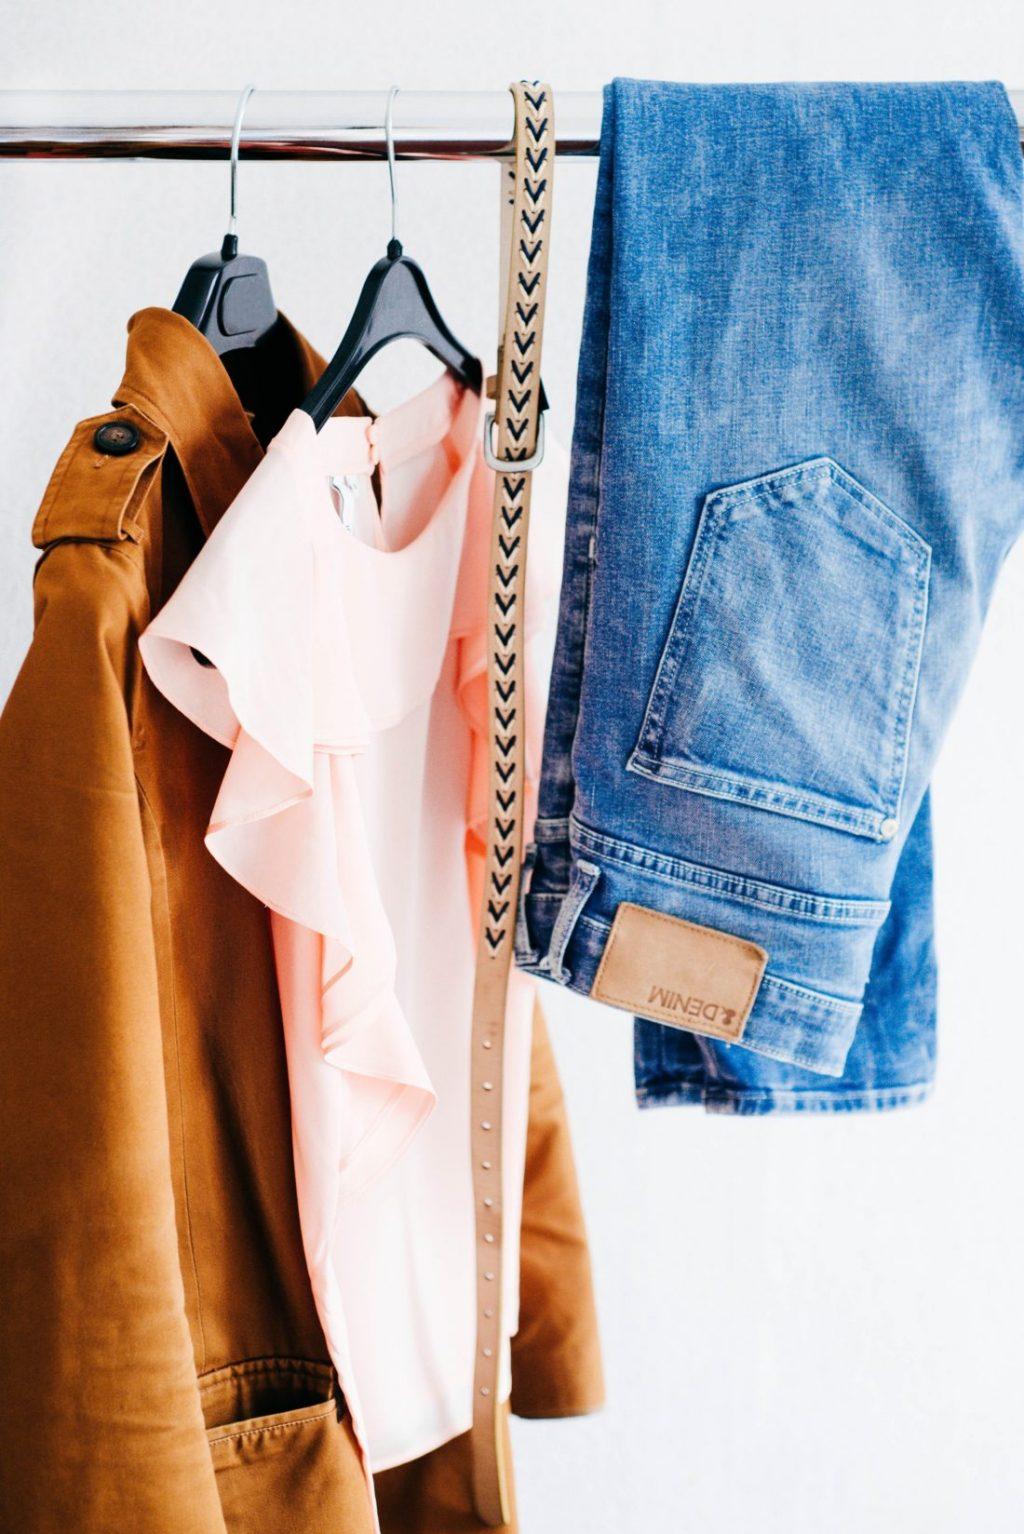 bí quyết mua sắm quần áo cũ 1